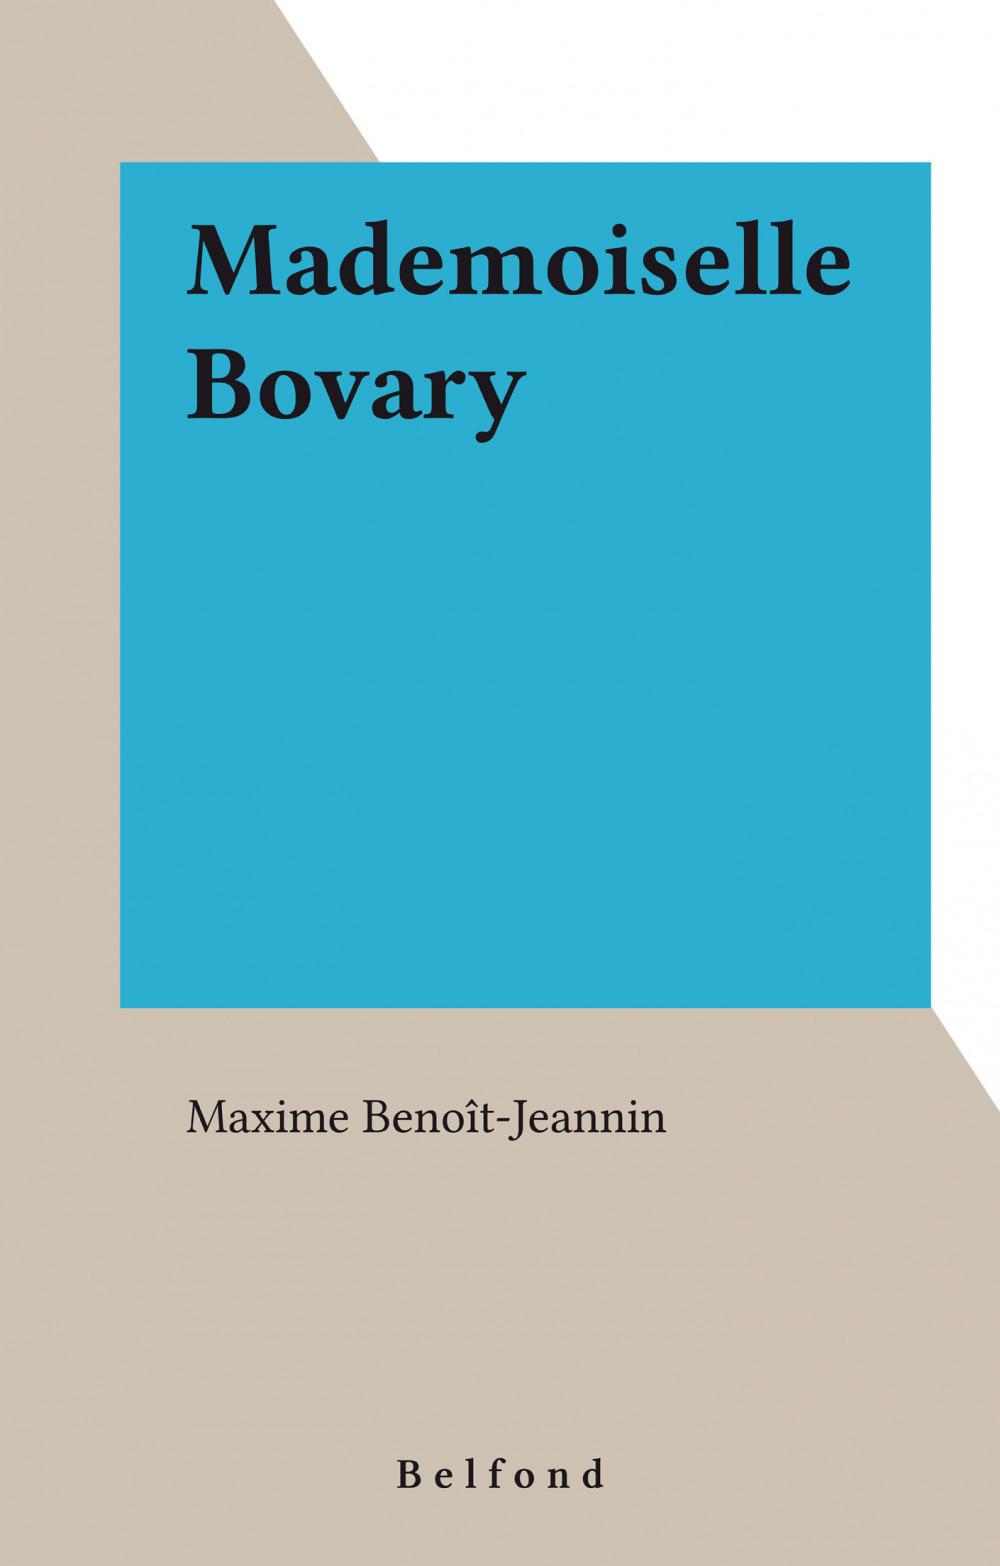 Mademoiselle Bovary  - Maxime Benoît-Jeannin